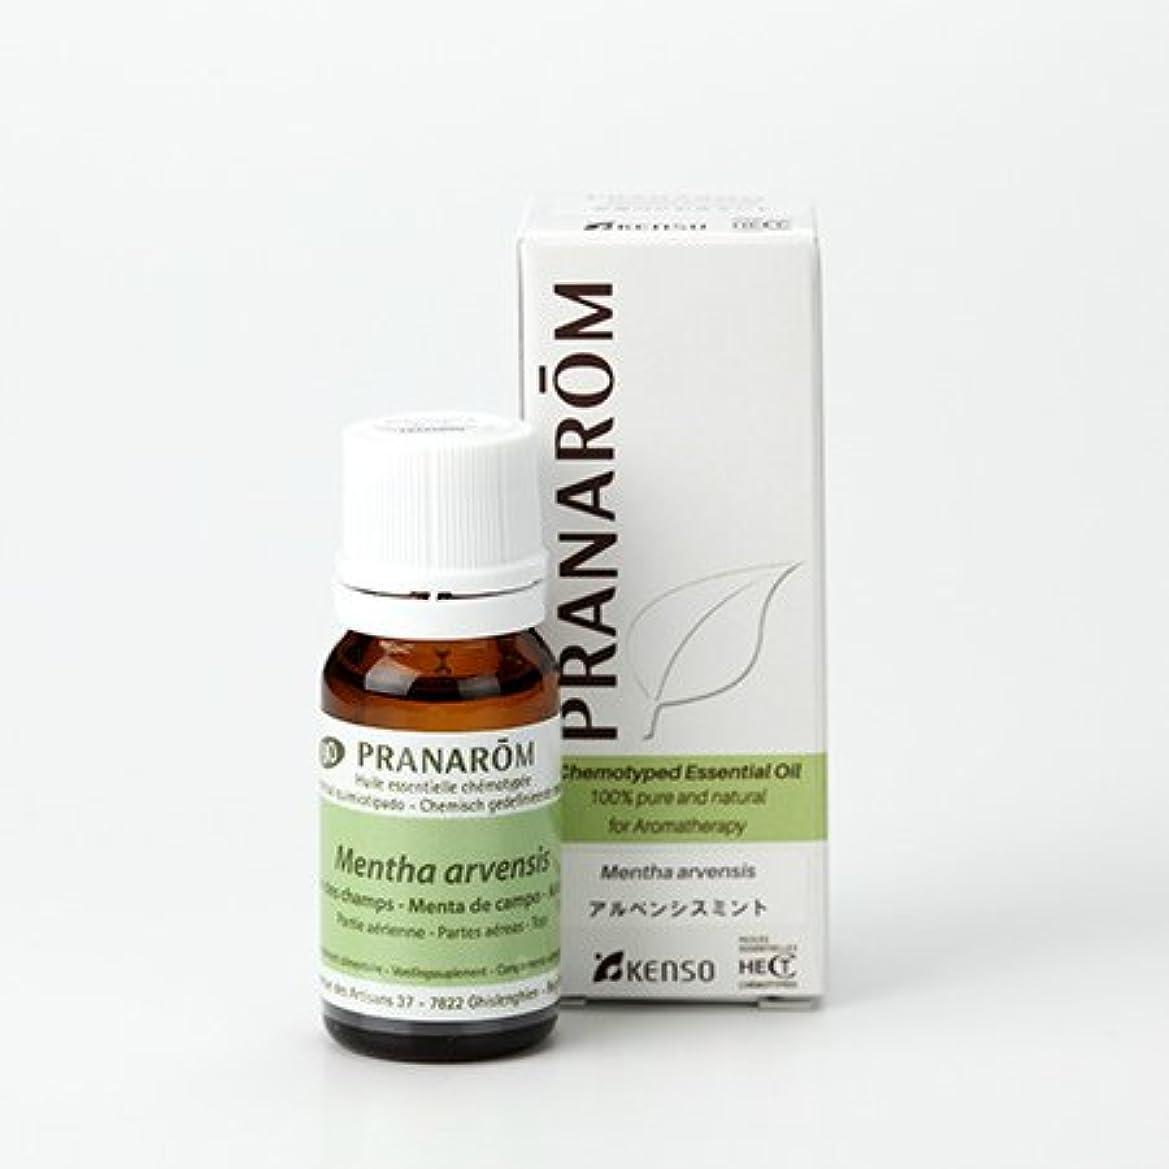 サスティーン年齢アイデアプラナロム アルベンシスミント 10ml (PRANAROM ケモタイプ精油)